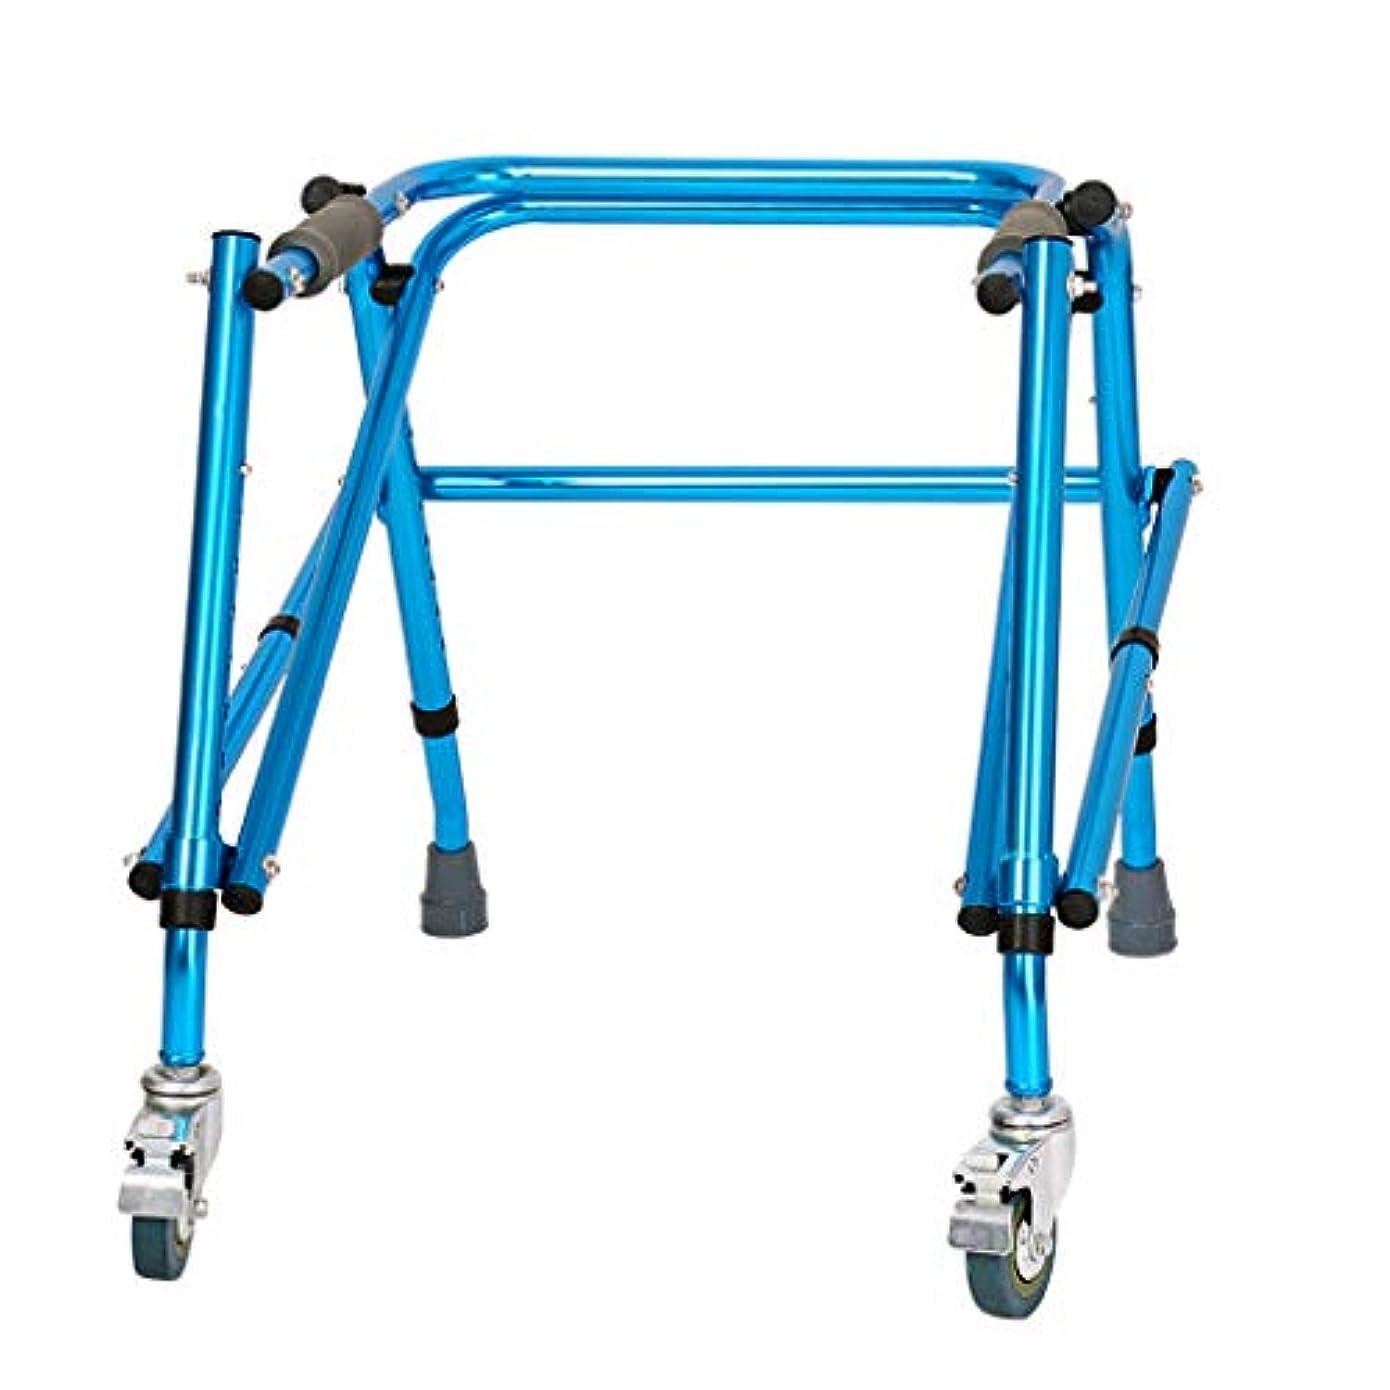 バイオレット快適音節LINrxl 子供下肢トレーニングとリハビリテーション機器/立ち歩行スタンド/ウォークエイド/ウォーカー/スタンドフレーム付きホイールリハビリ機器